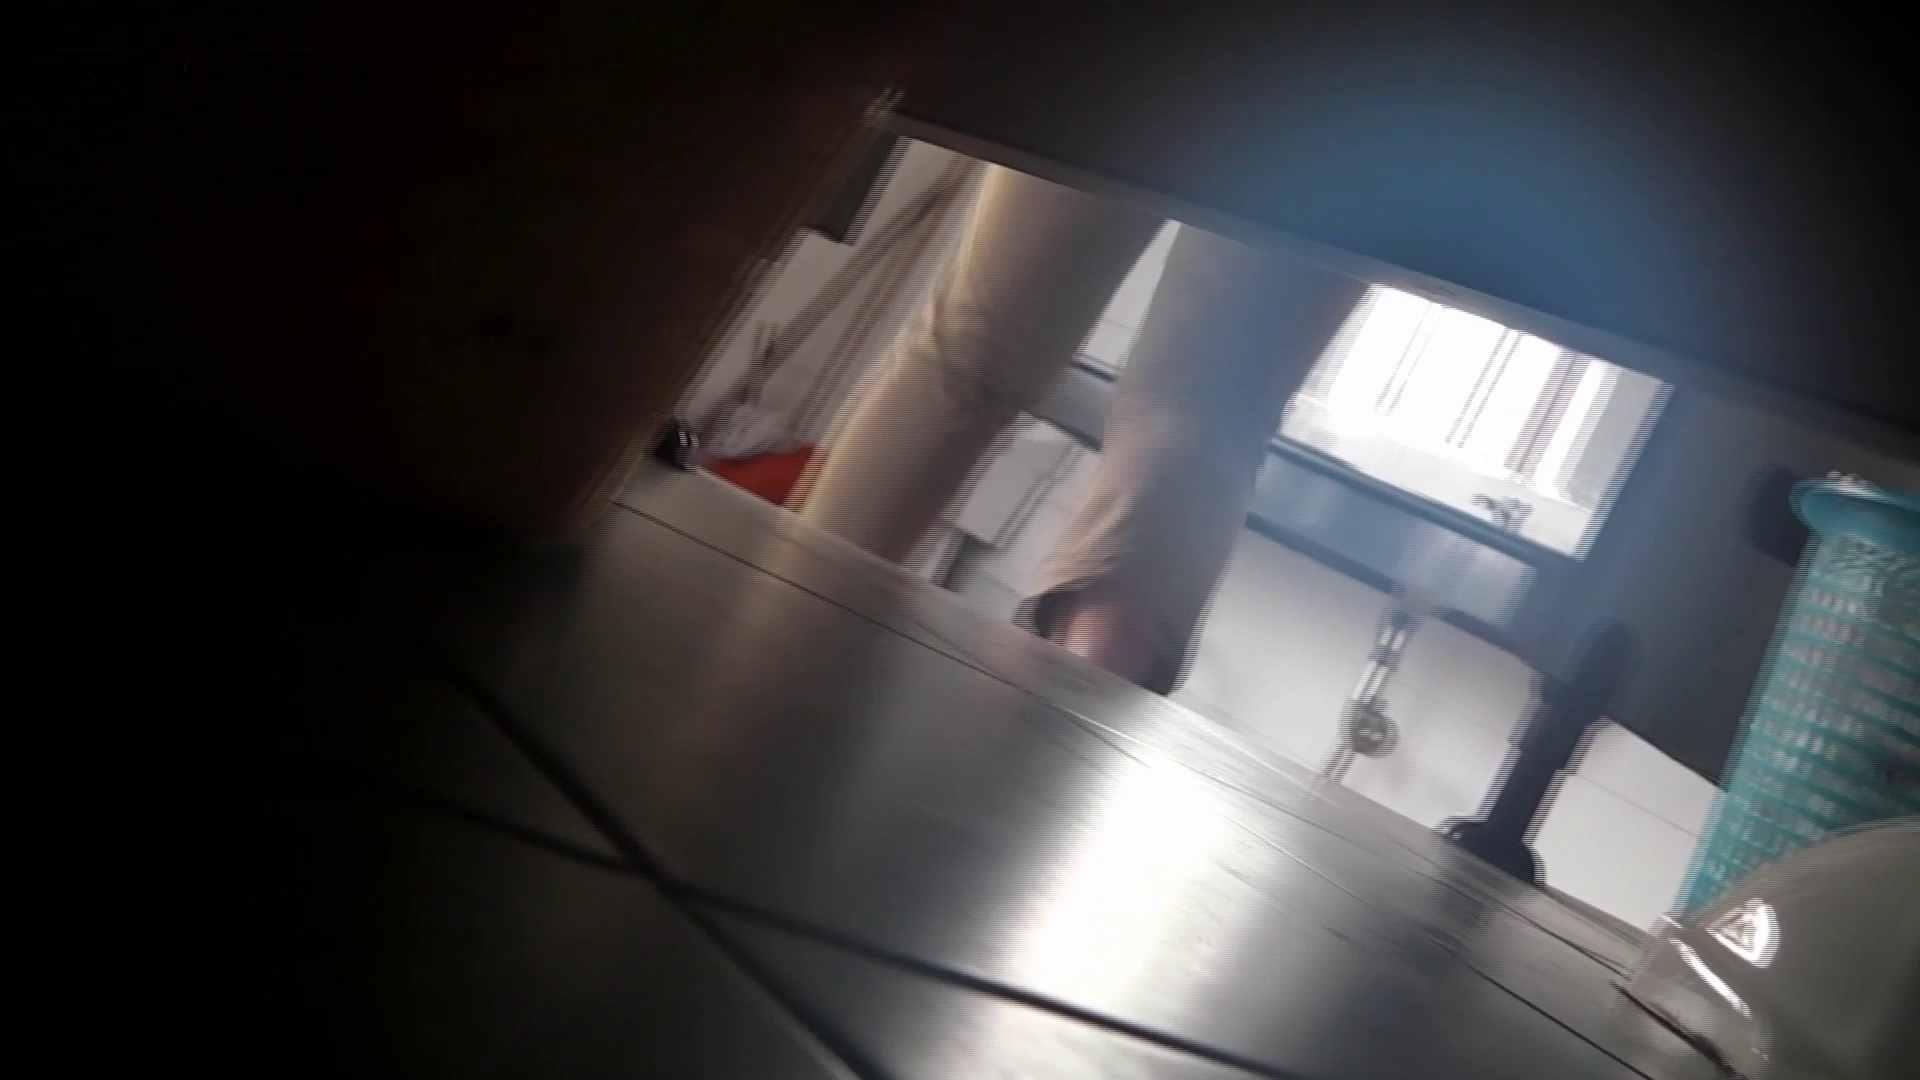 潜入!!台湾名門女学院 Vol.04 二ケツ同時撮り!! 盗撮映像大放出 | エロくん潜入  67連発 25